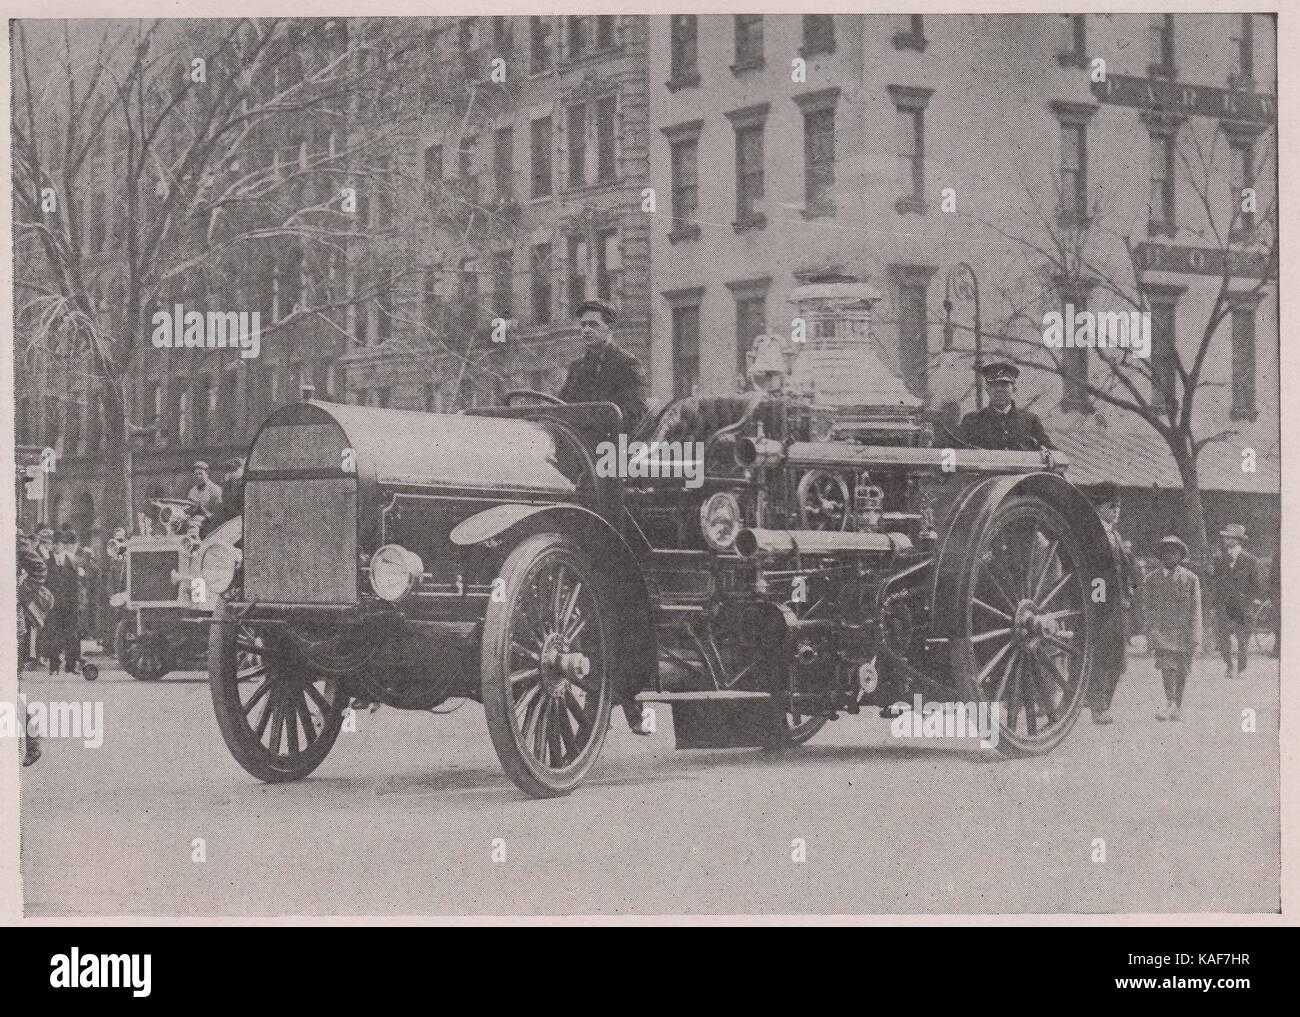 Motor-Propelled motore fire. Il primo apparato motore, motore n. 58, è stato messo in servizio il 21 marzo 1911. La sua efficienza è… Foto Stock